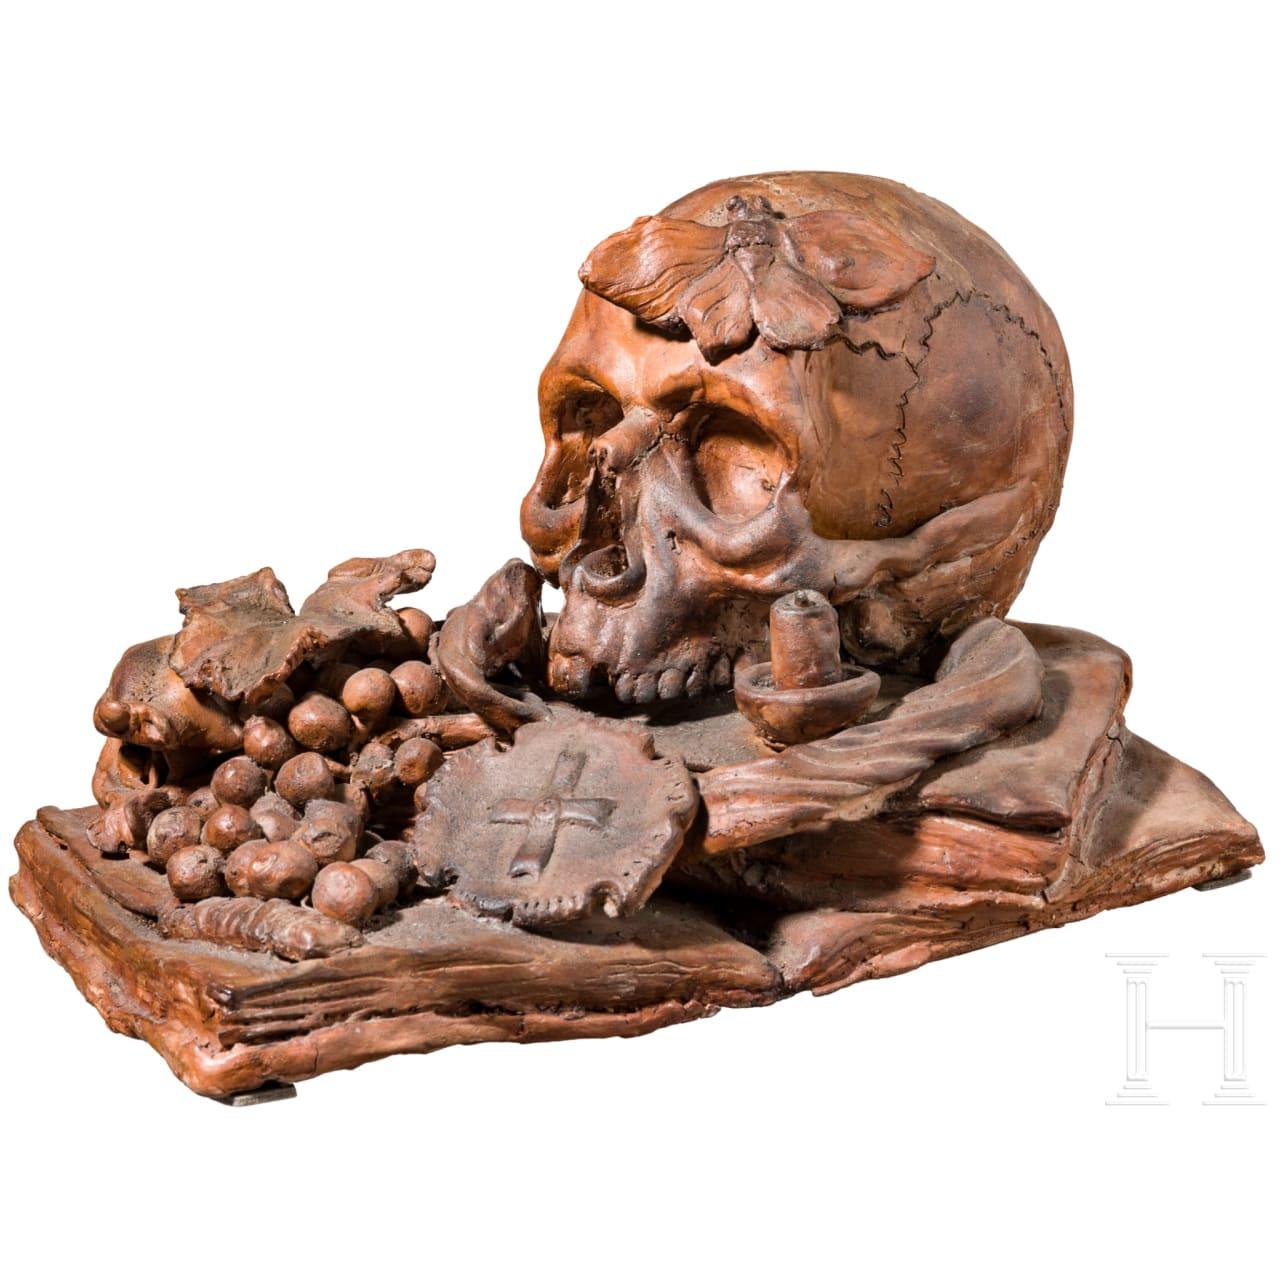 Großes skulptiertes Stillleben als Memento Mori, Italien, 19. Jhdt.